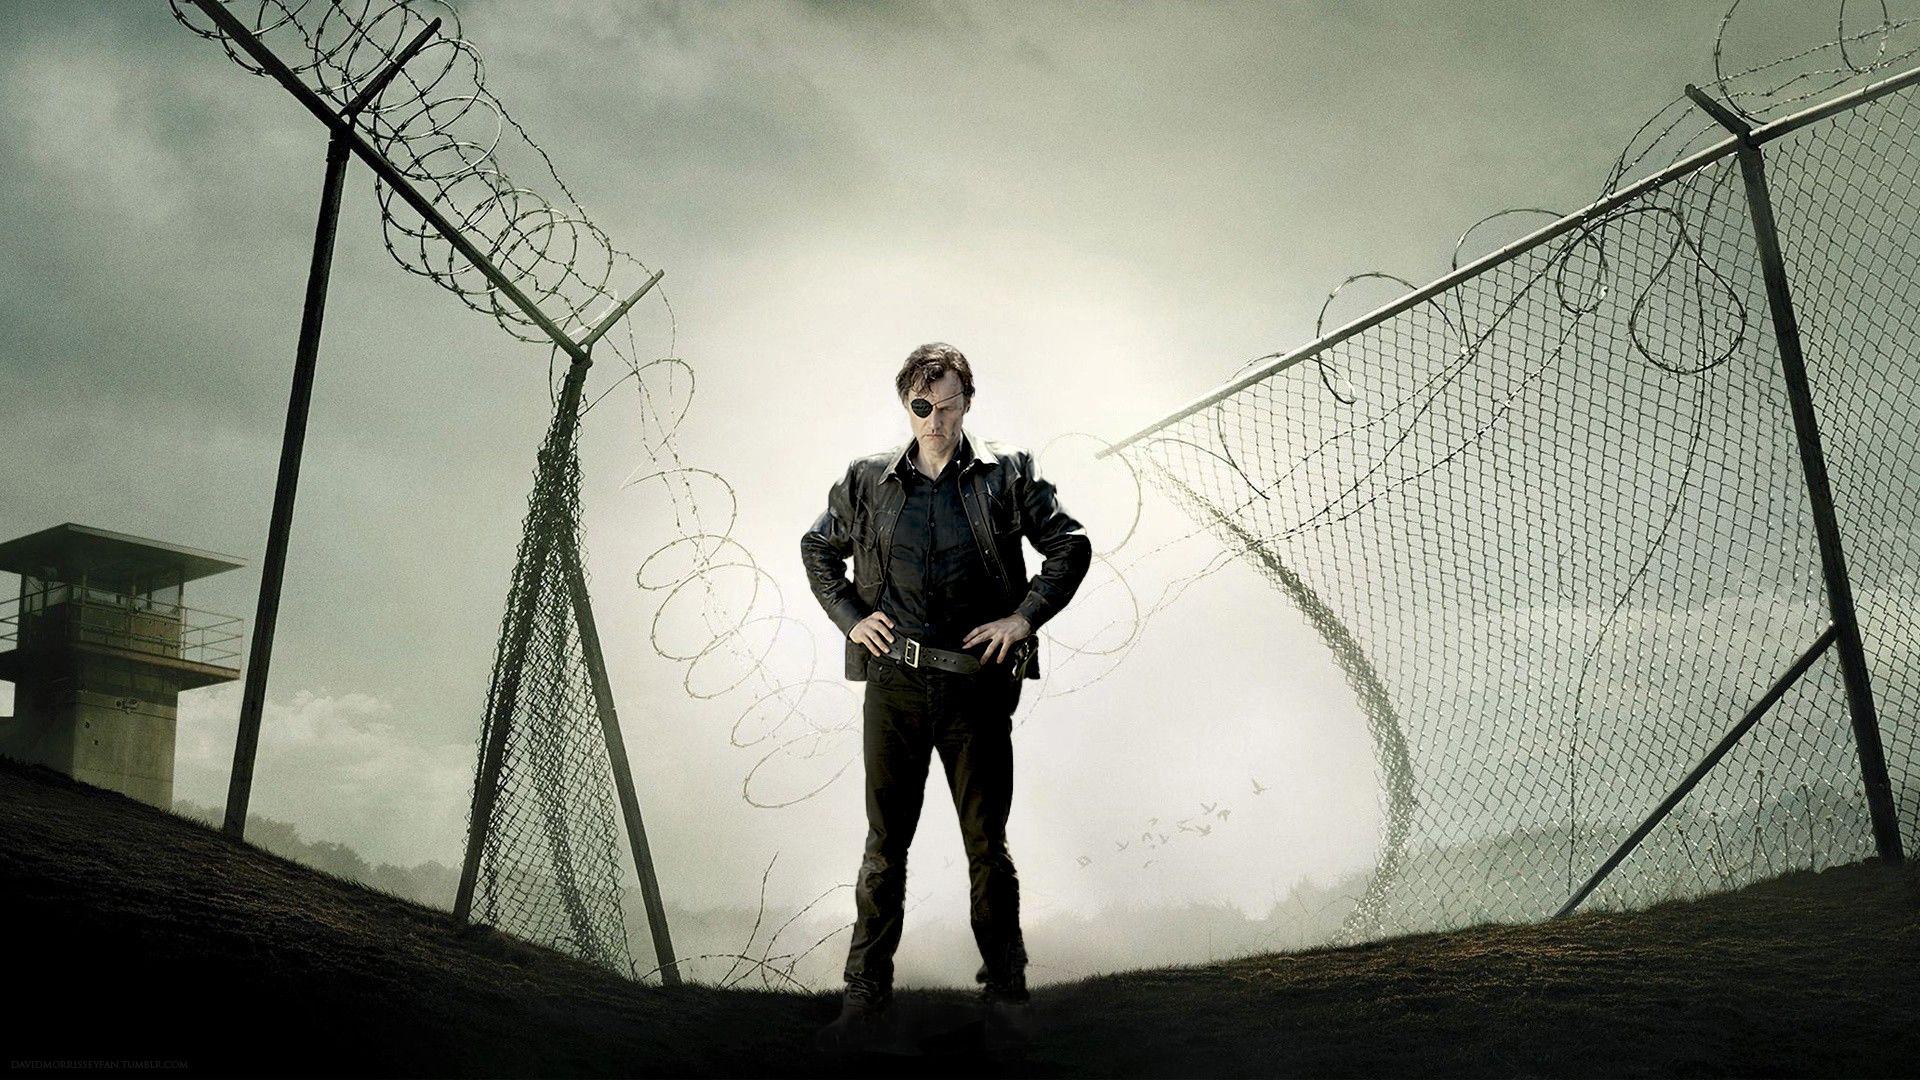 The Walking Dead Season 4 fan poster by oab1303 on DeviantArt